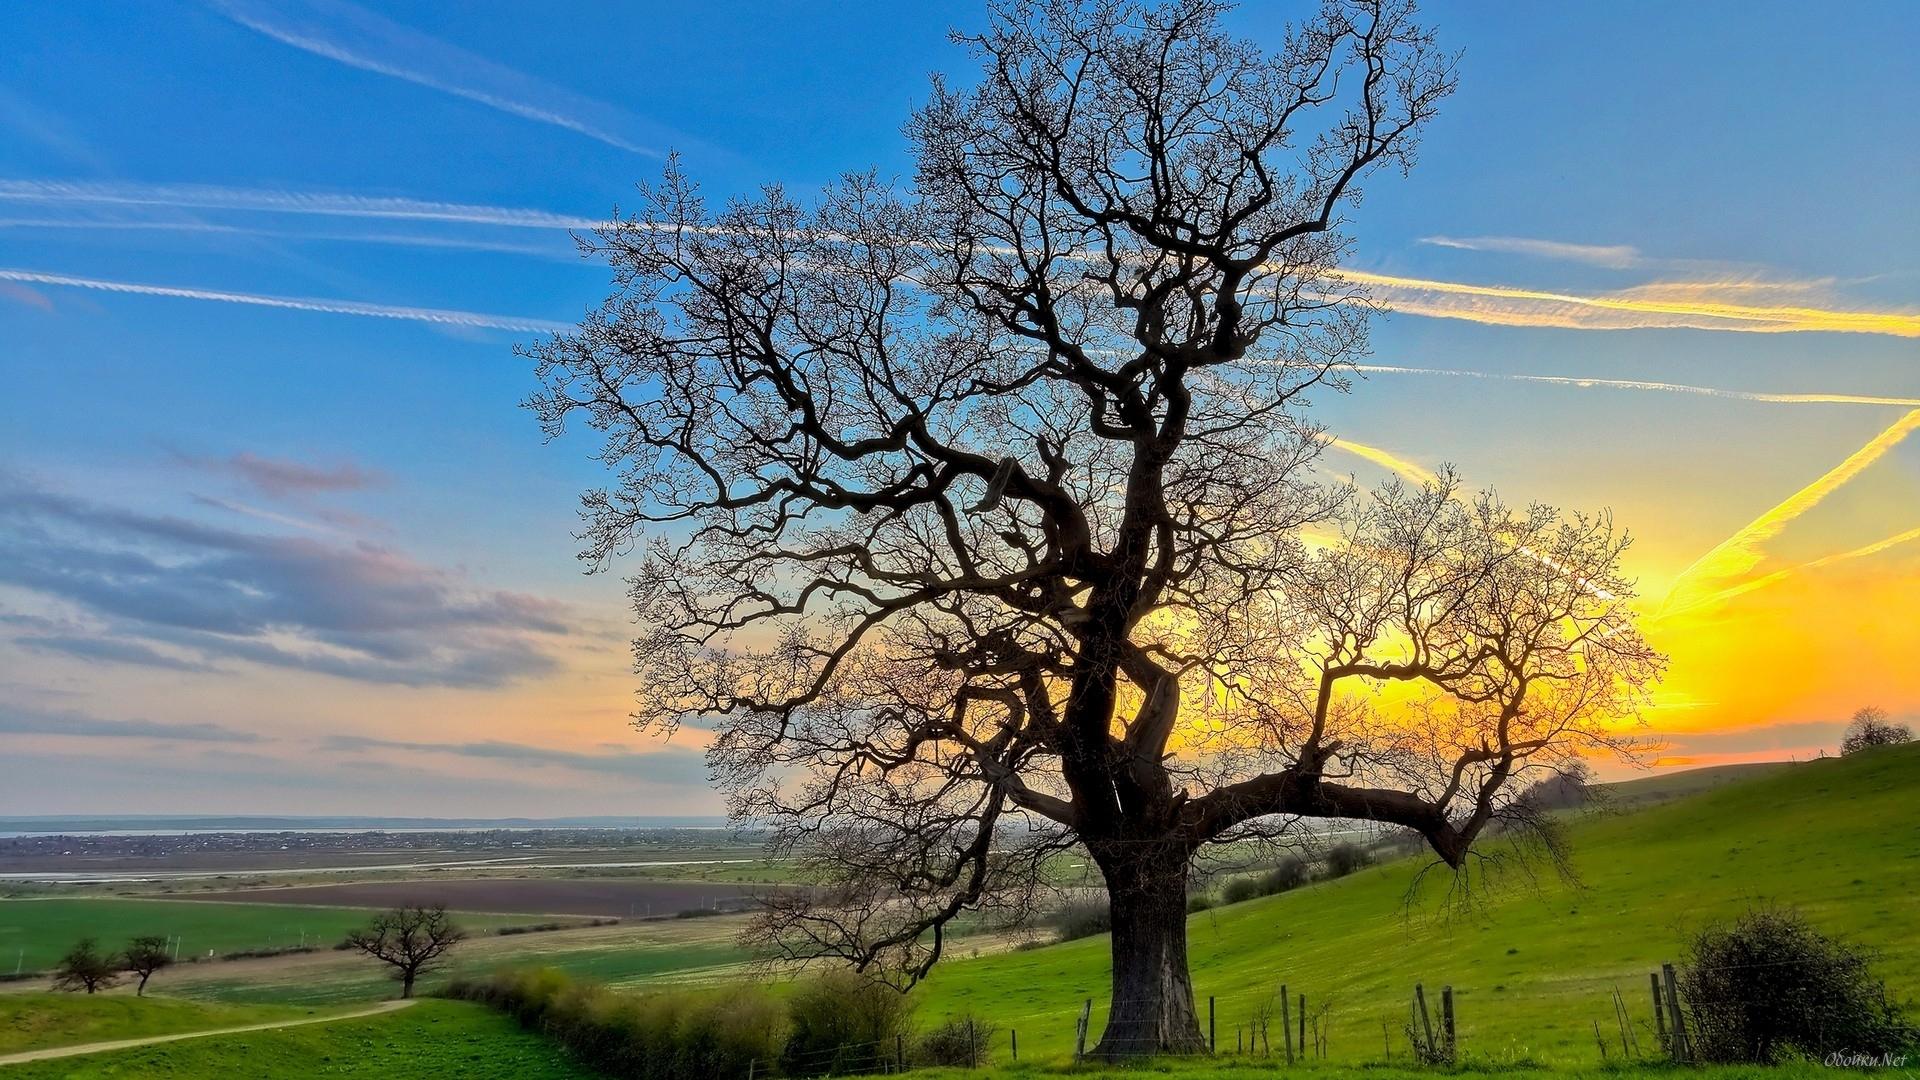 25648 скачать обои Пейзаж, Деревья, Поля, Небо - заставки и картинки бесплатно